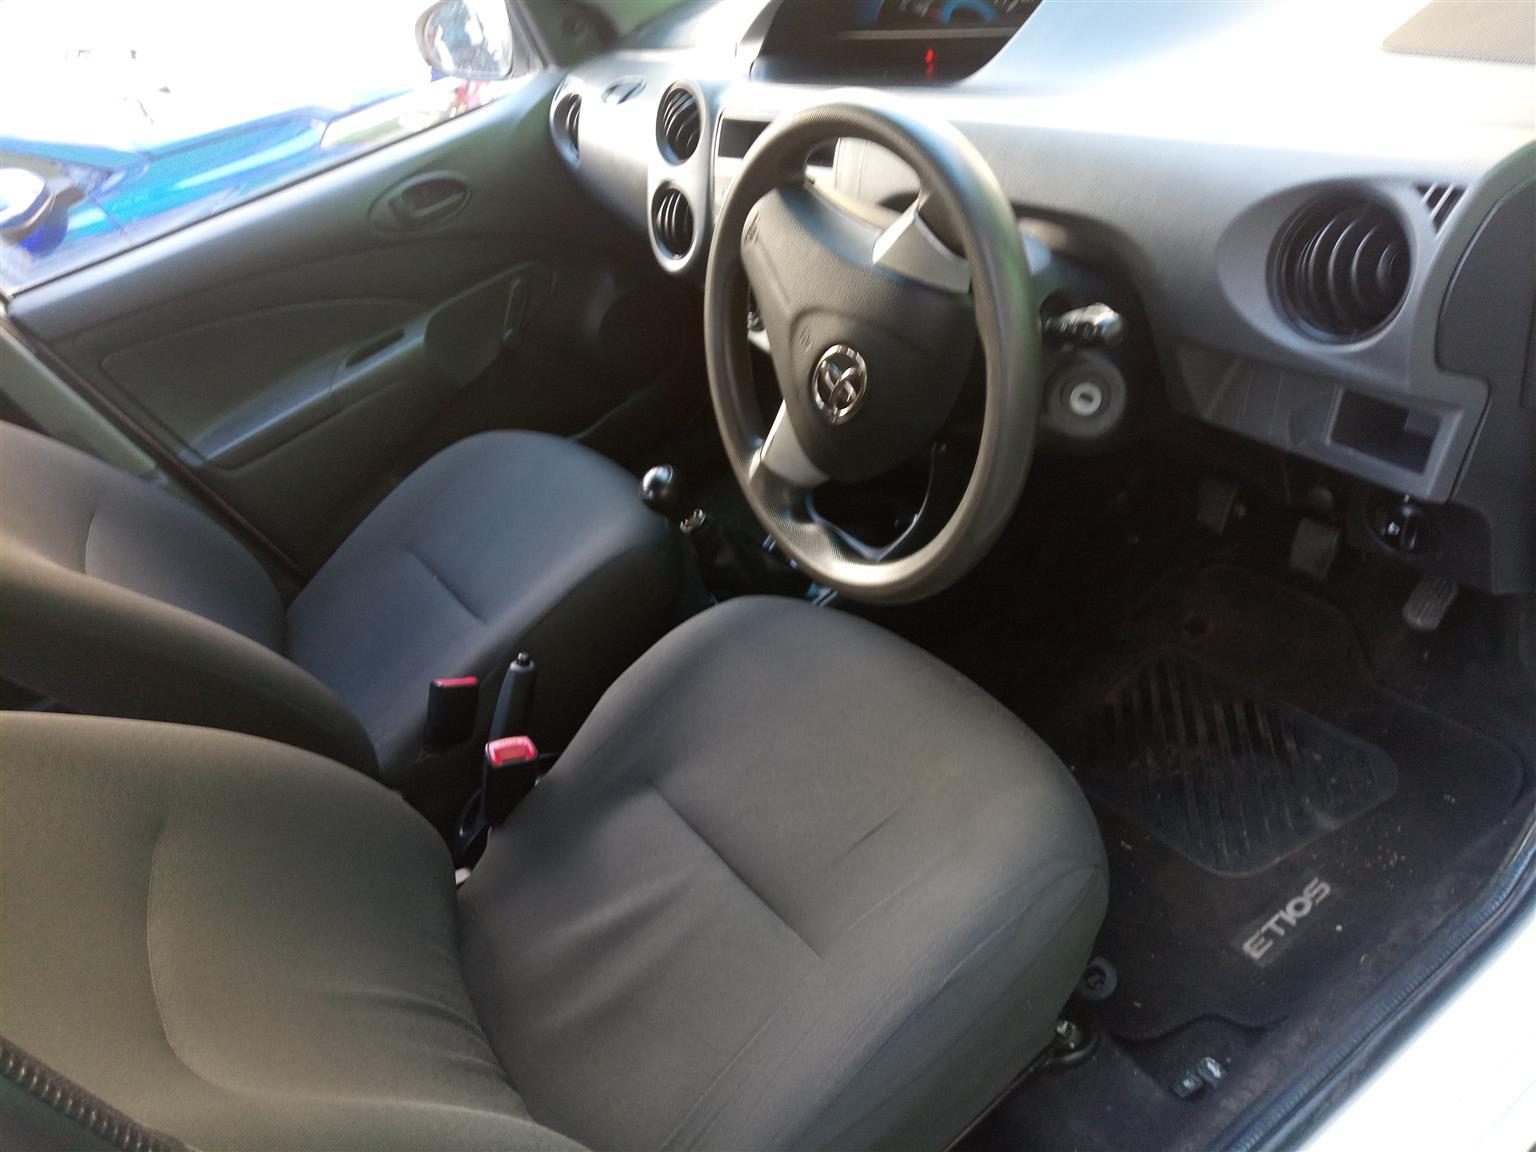 2014 Toyota Etios hatch ETIOS 1.5 Xi 5Dr